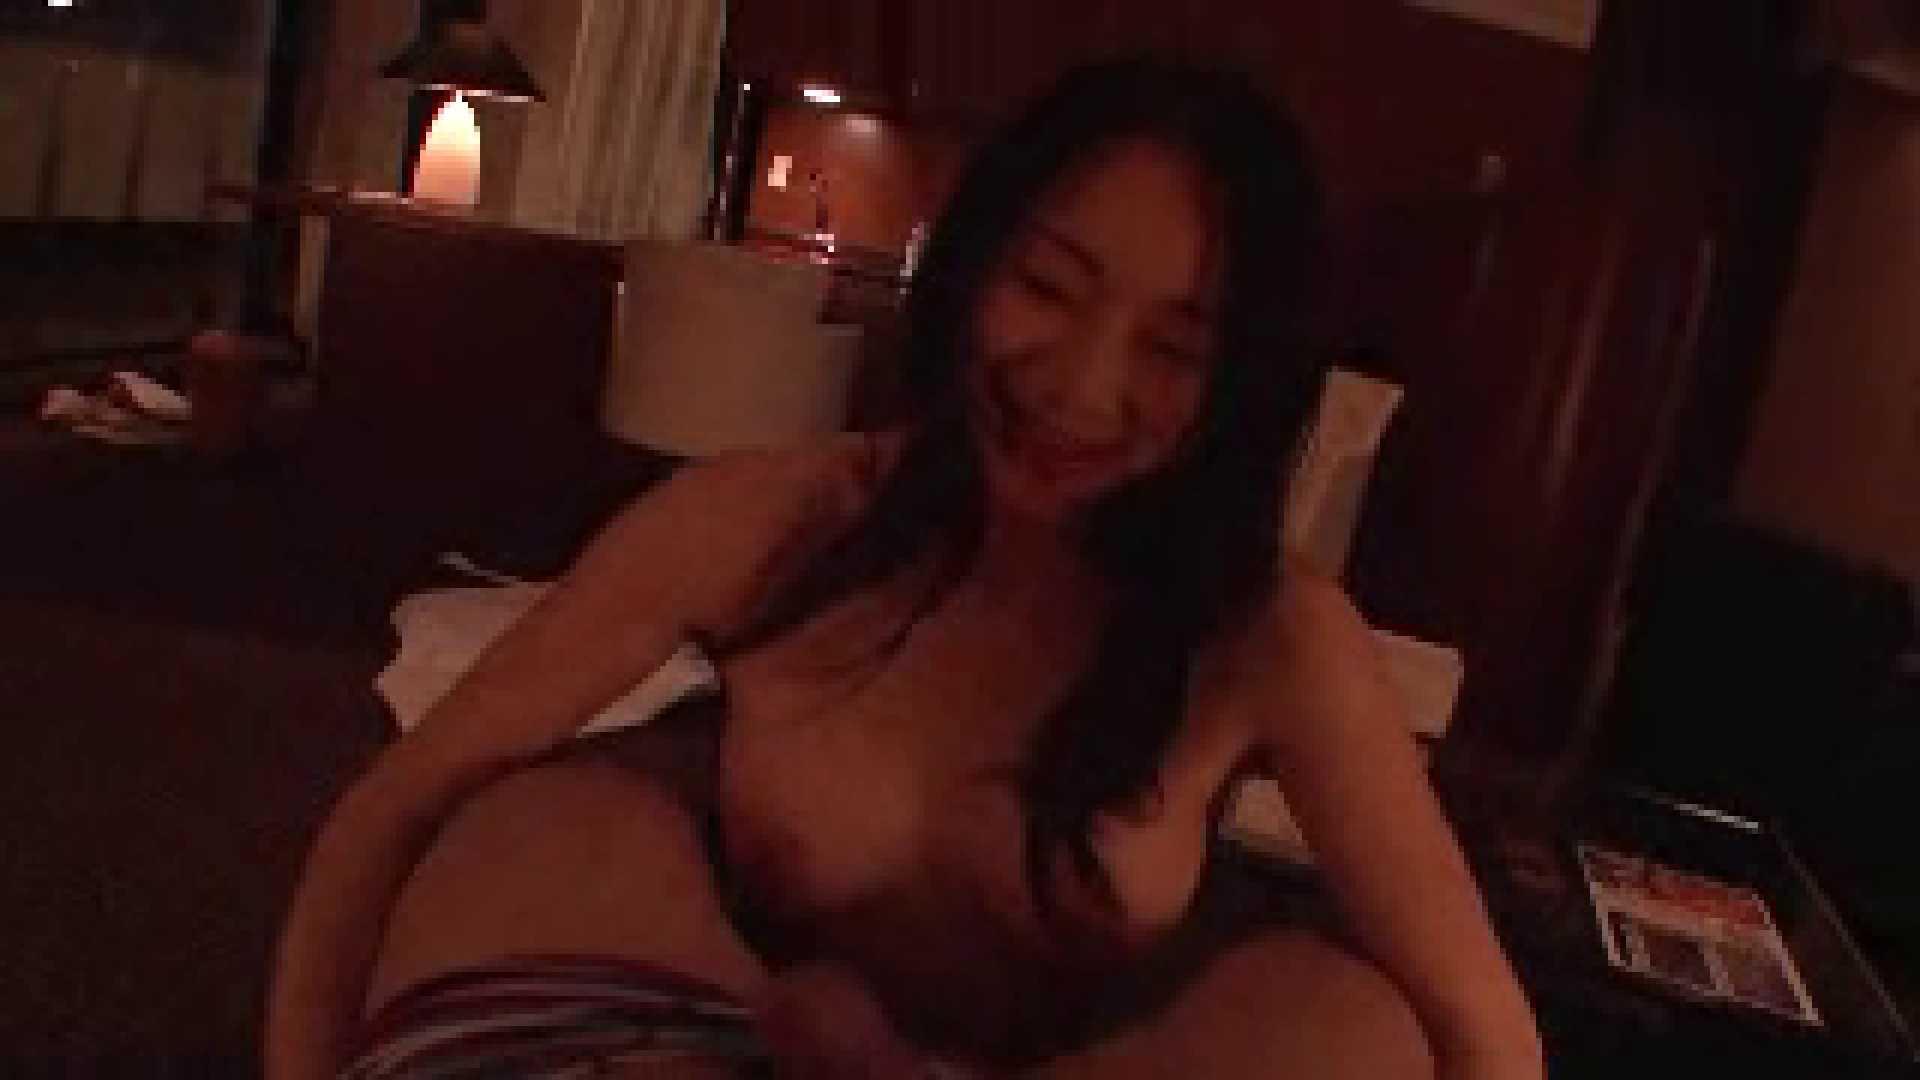 親友同士で競演 超美形のSEXパーティ Vol.04 いやらしい熟女 オマンコ無修正動画無料 31連発 17